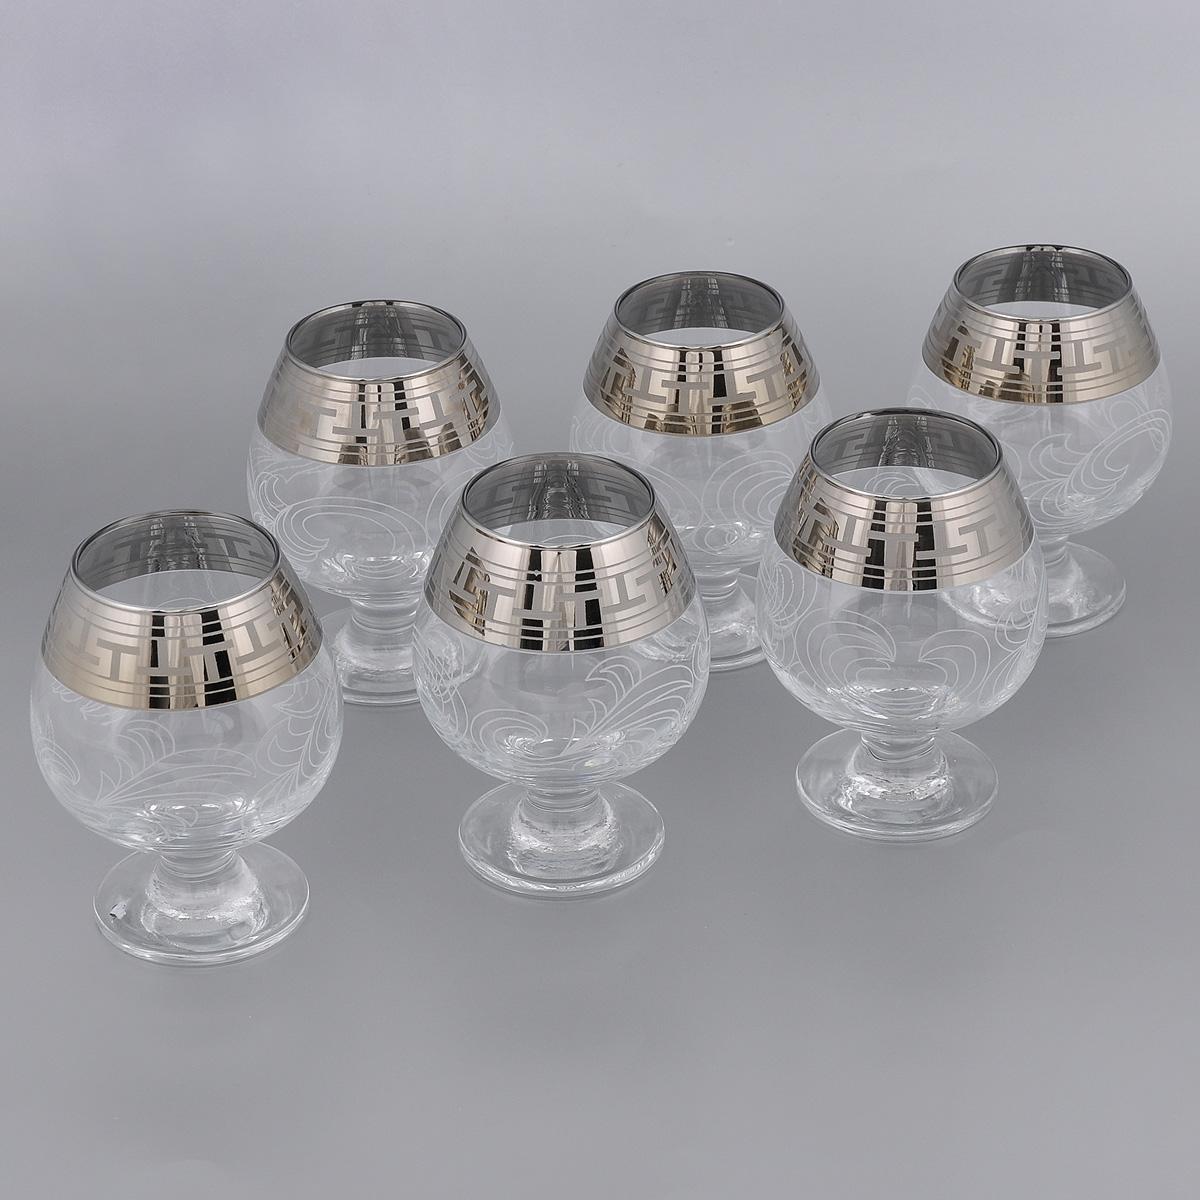 Набор бокалов для бренди Гусь-Хрустальный Греческий узор, 400 мл, 6 штVT-1520(SR)Набор Гусь-Хрустальный Греческий узор состоит из 6 бокалов на тонких коротких ножках, изготовленных из высококачественного натрий-кальций-силикатного стекла. Изделия оформлены красивым зеркальным покрытием и белым матовым орнаментом. Бокалы предназначены для бренди. Такой набор прекрасно дополнит праздничный стол и станет желанным подарком в любом доме. Разрешается мыть в посудомоечной машине. Диаметр бокала (по верхнему краю): 6 см. Высота бокала: 12,5 см.